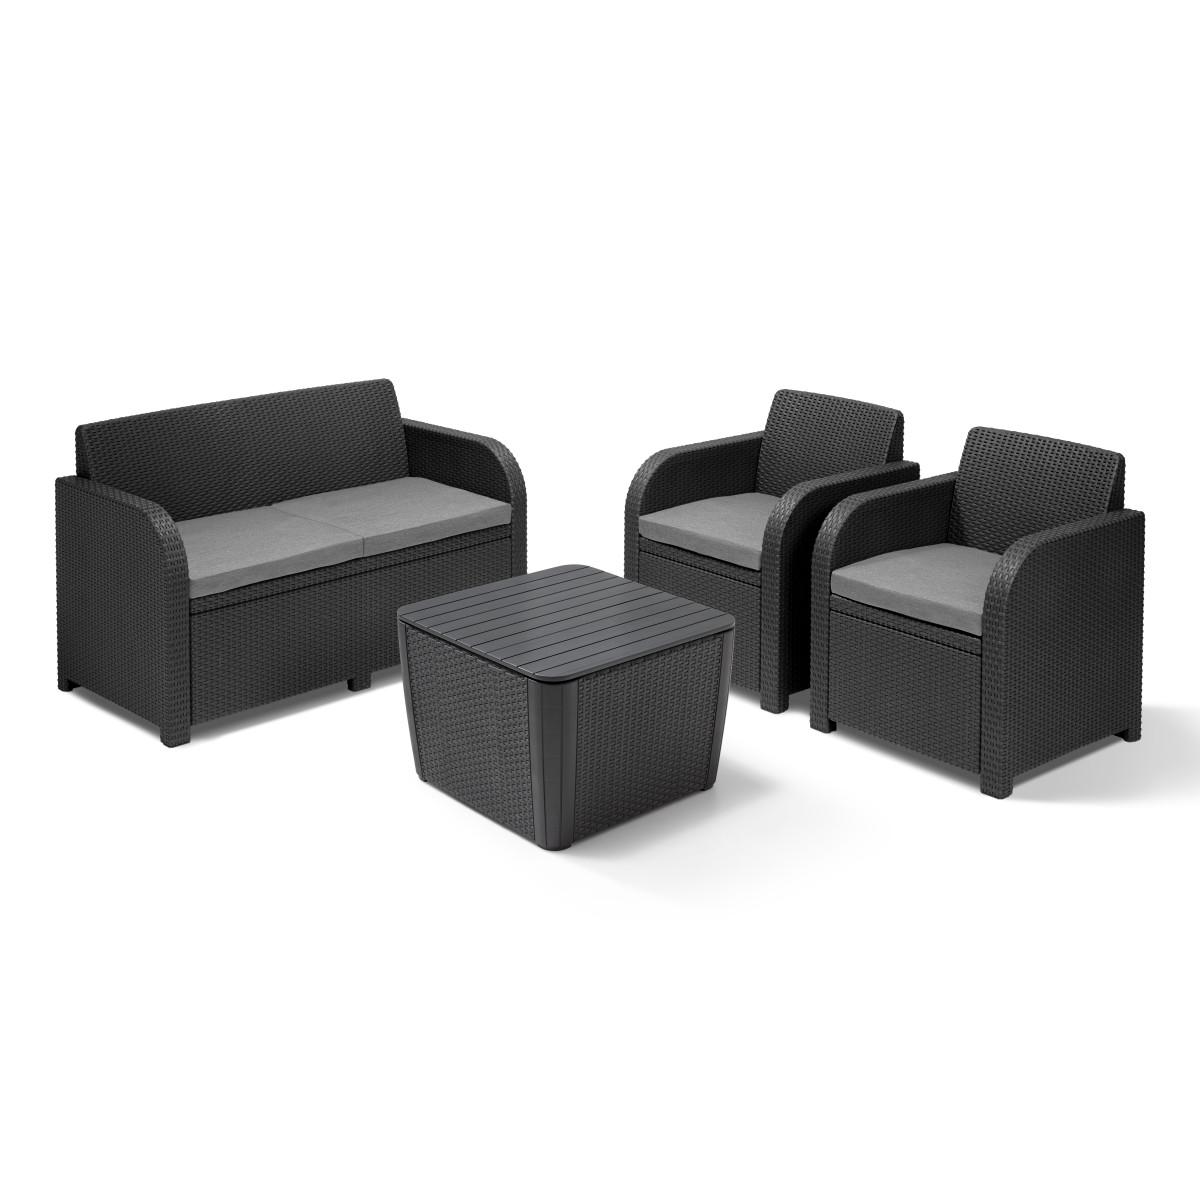 Набор садовой мебели Novara полиротанг серый стол диван и 2 кресла